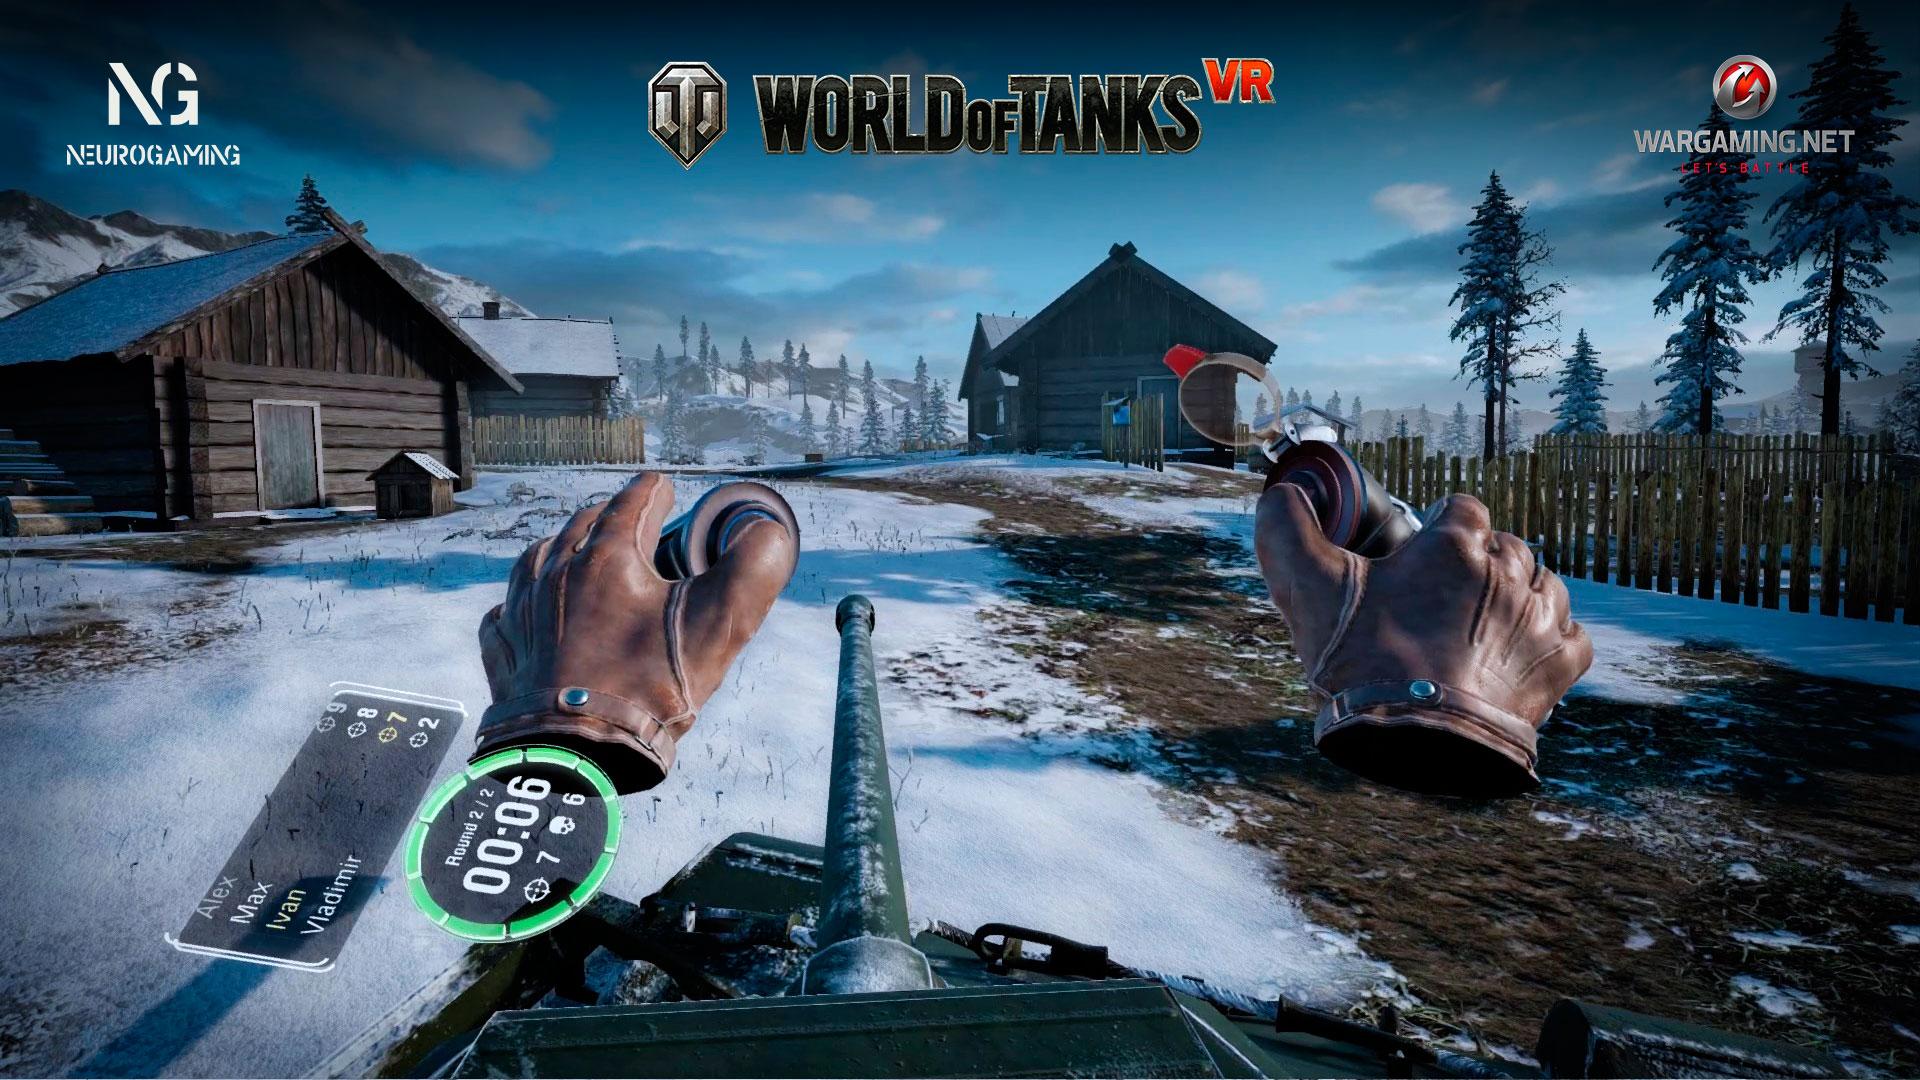 Game World of Tanks VR | PlayVR